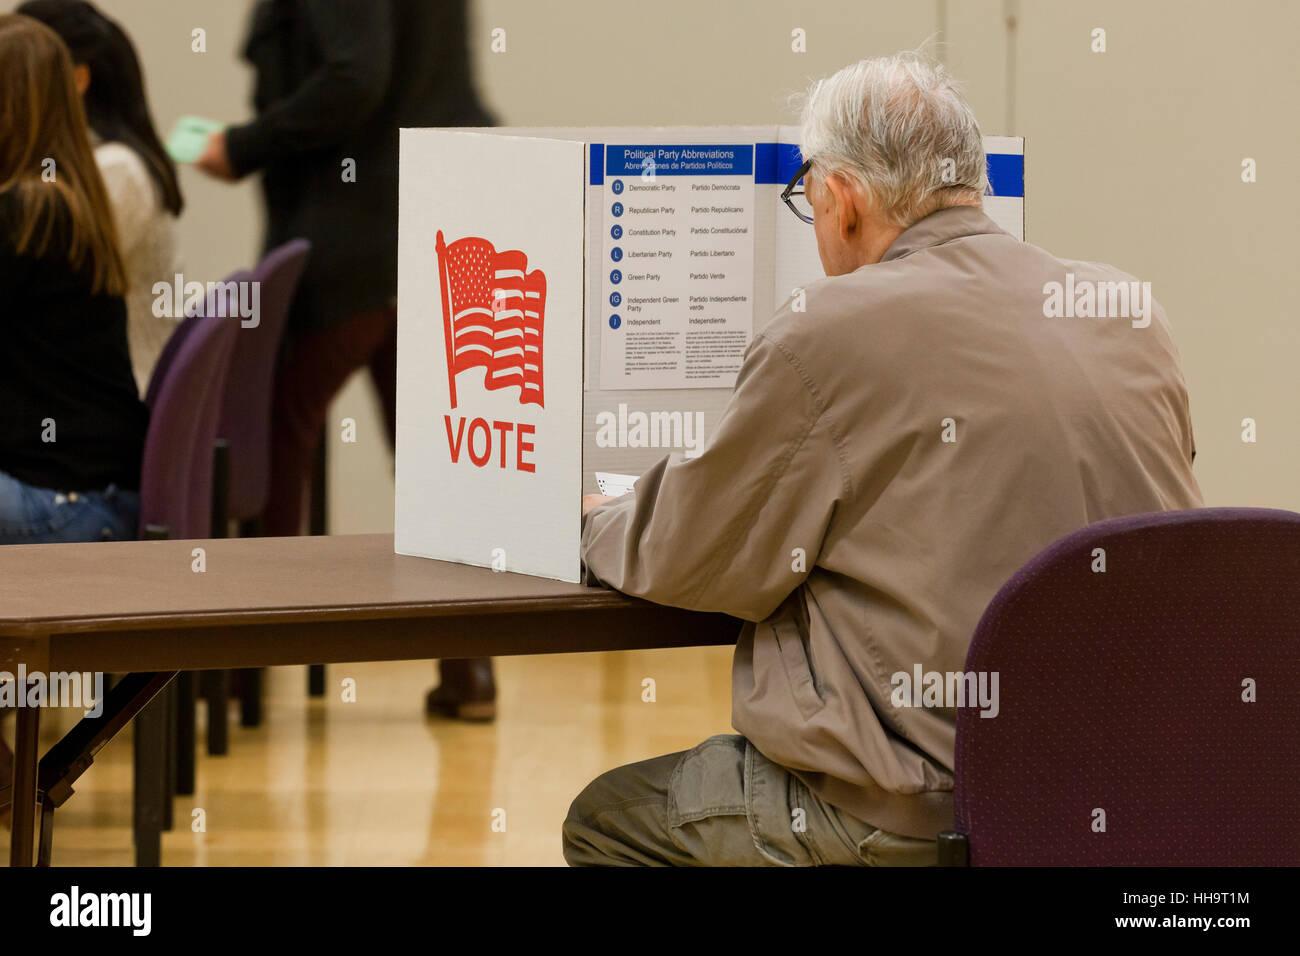 Senior man casting vote at ballot box during 2016 general elections - Arlington, Virginia USA - Stock Image